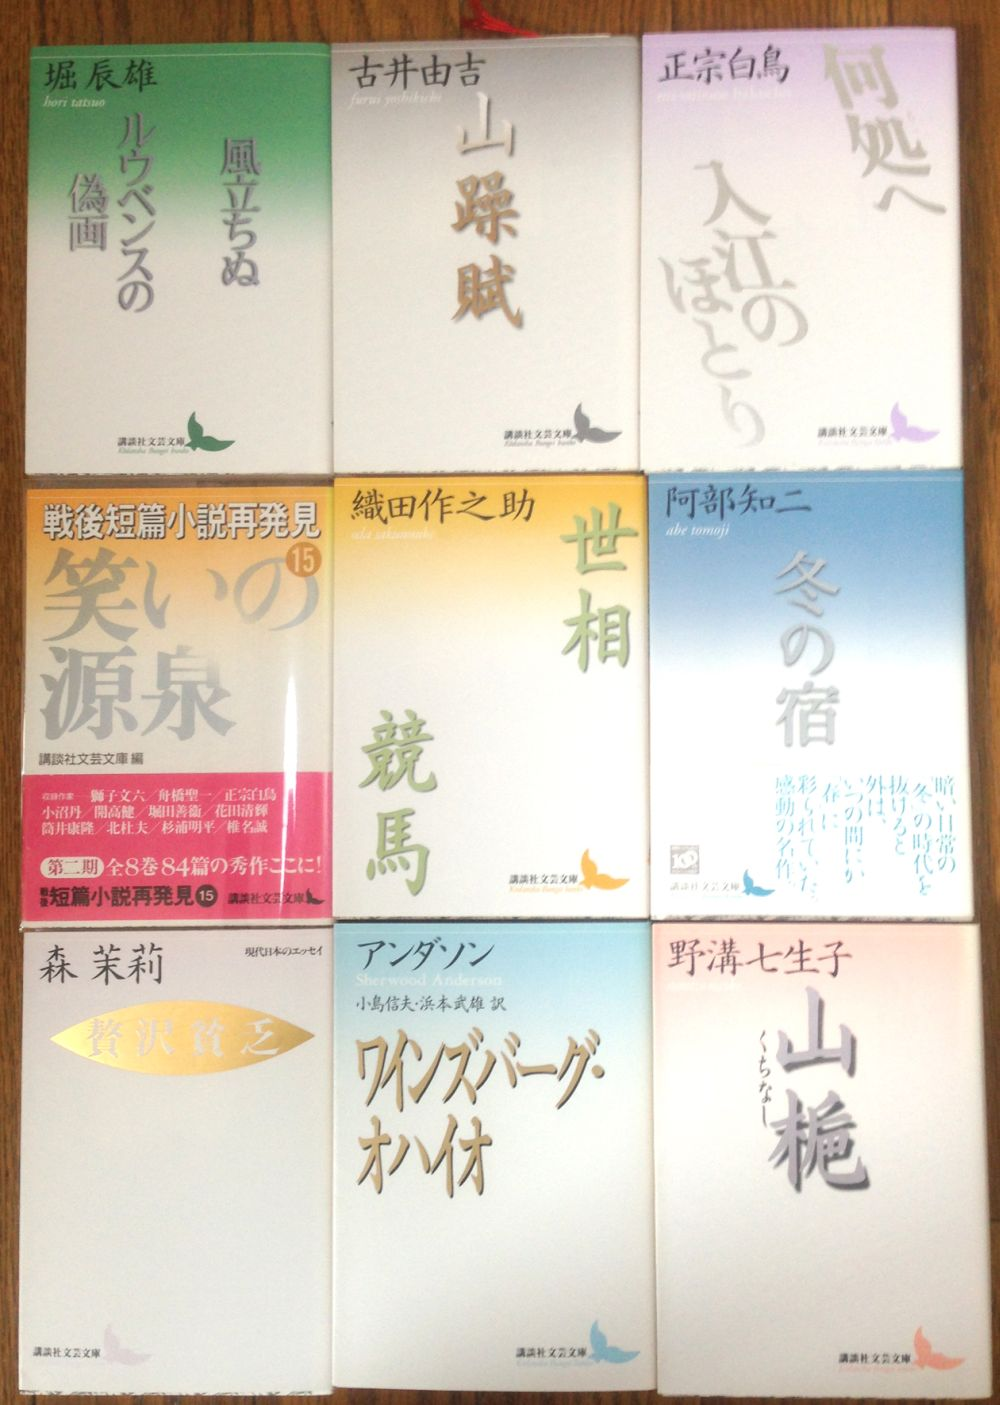 正宗白鳥、古井由吉、阿部知二など講談社文芸文庫買取